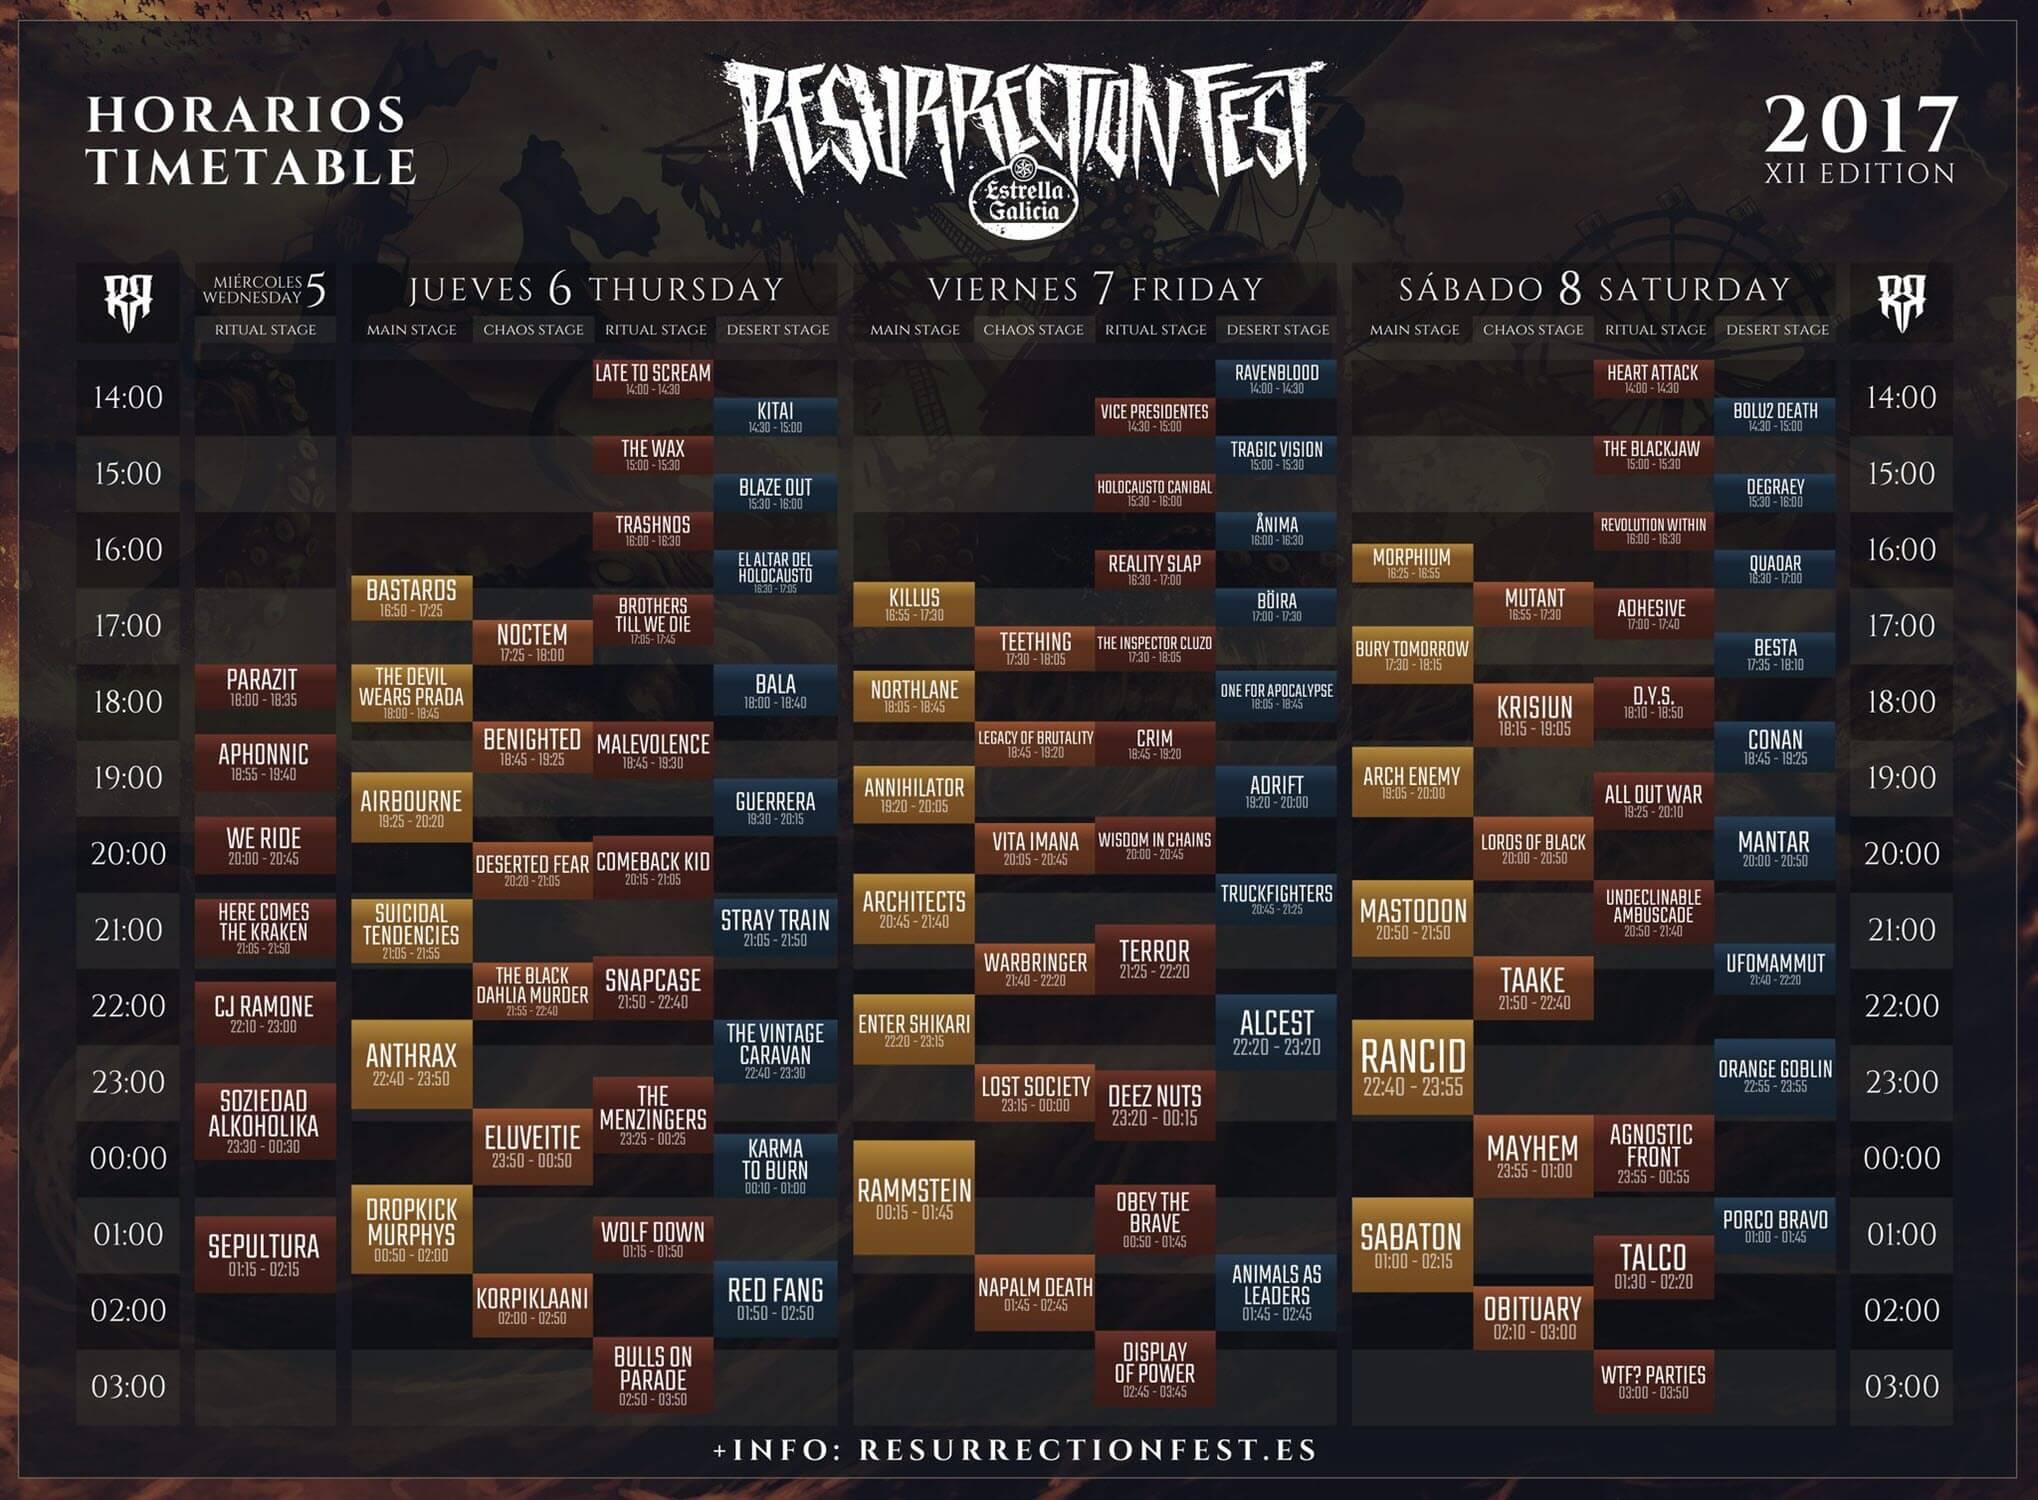 Horarios del Resurrection Fest 2017